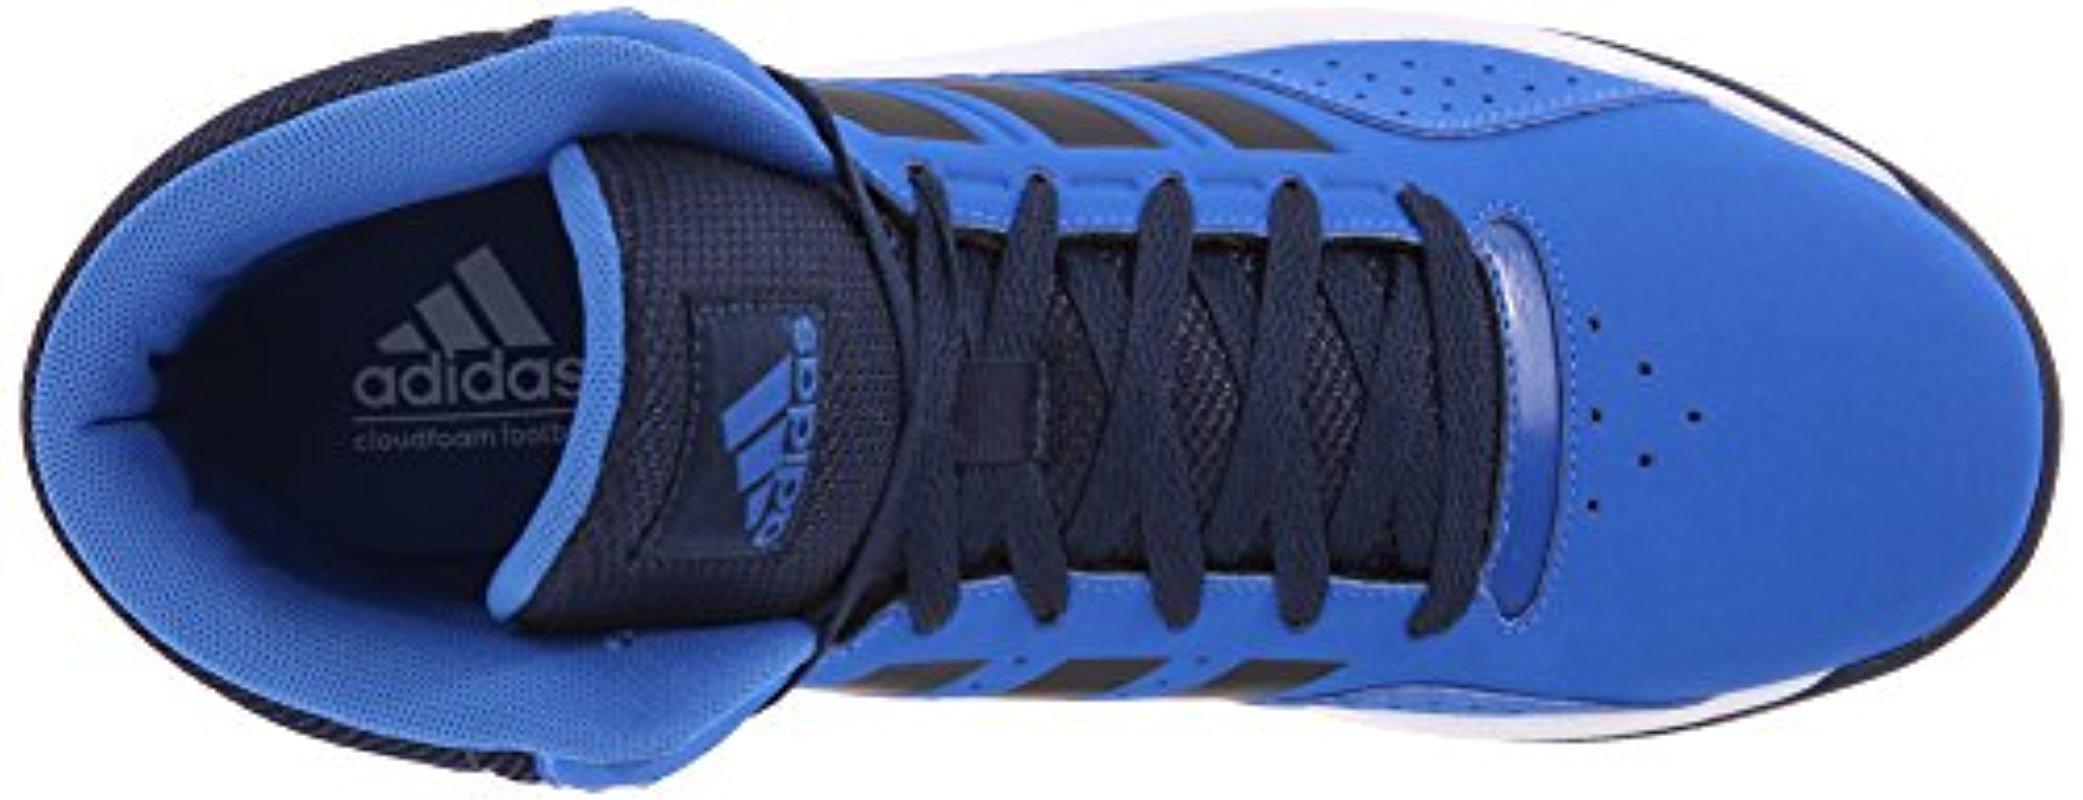 Favor Desgracia Estéril  performance men's cloudfoam ilation mid basketball shoe